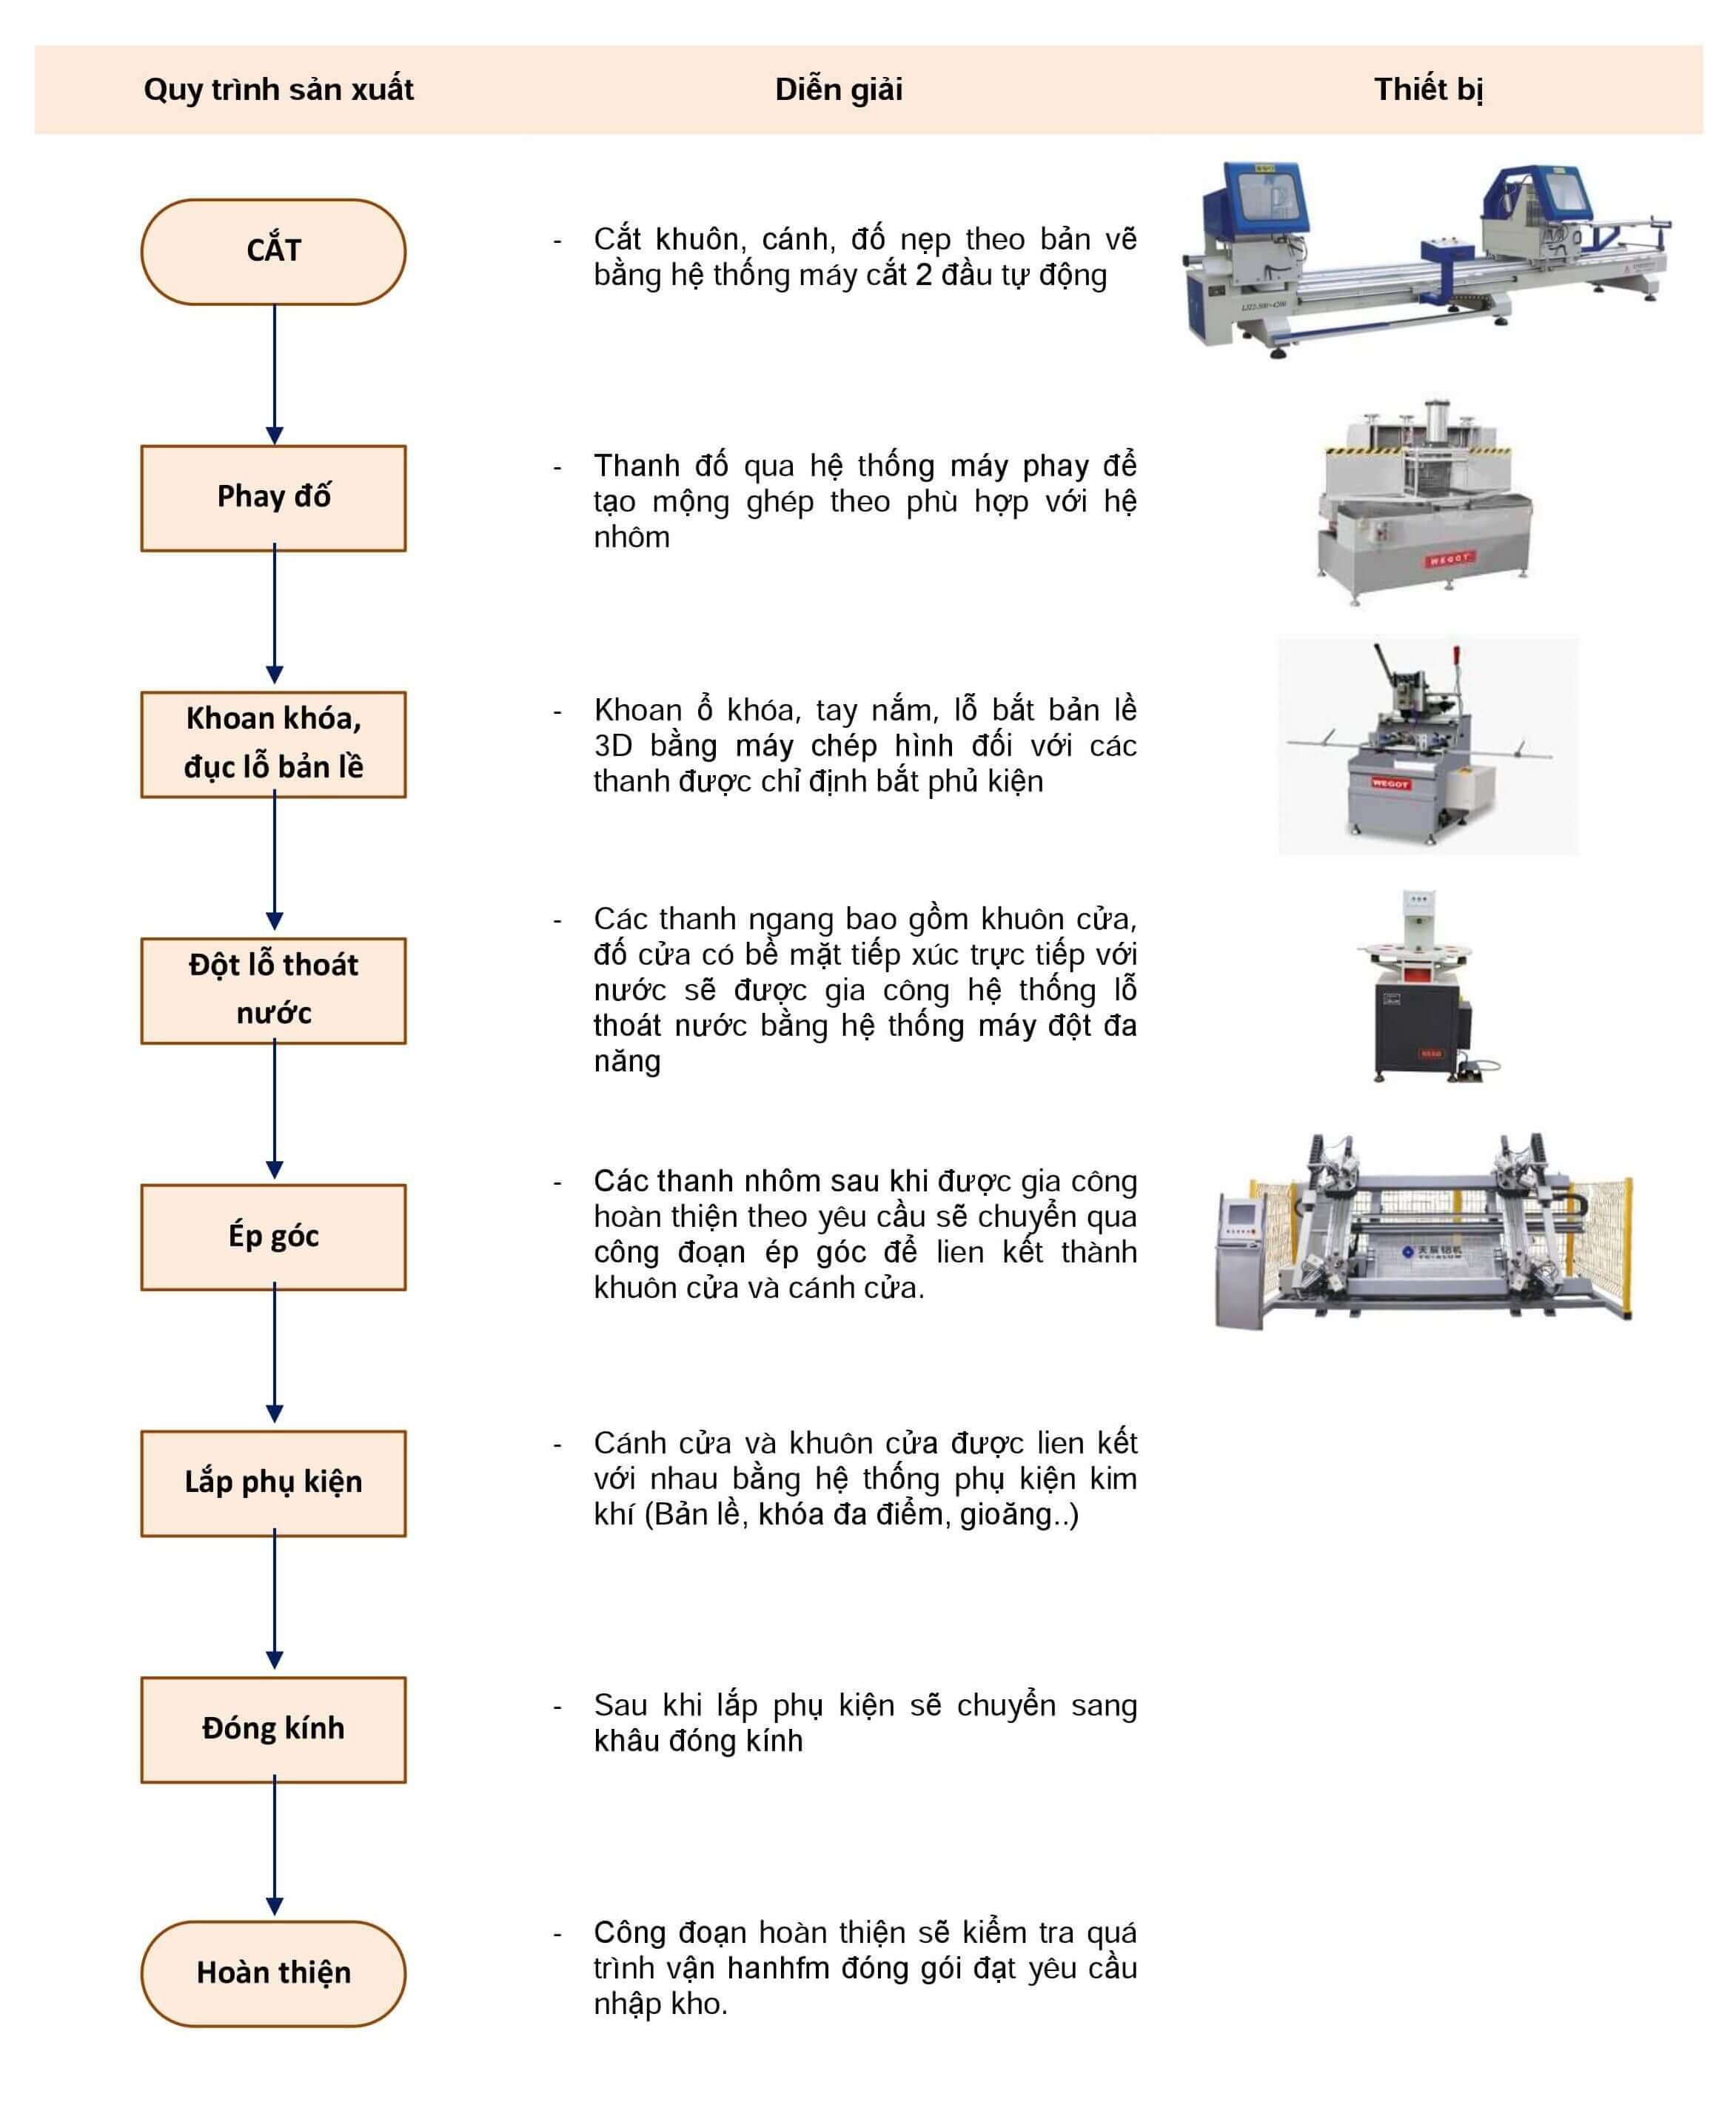 Hình ảnh dây chuyền sản xuất cửa hợp kim nhôm